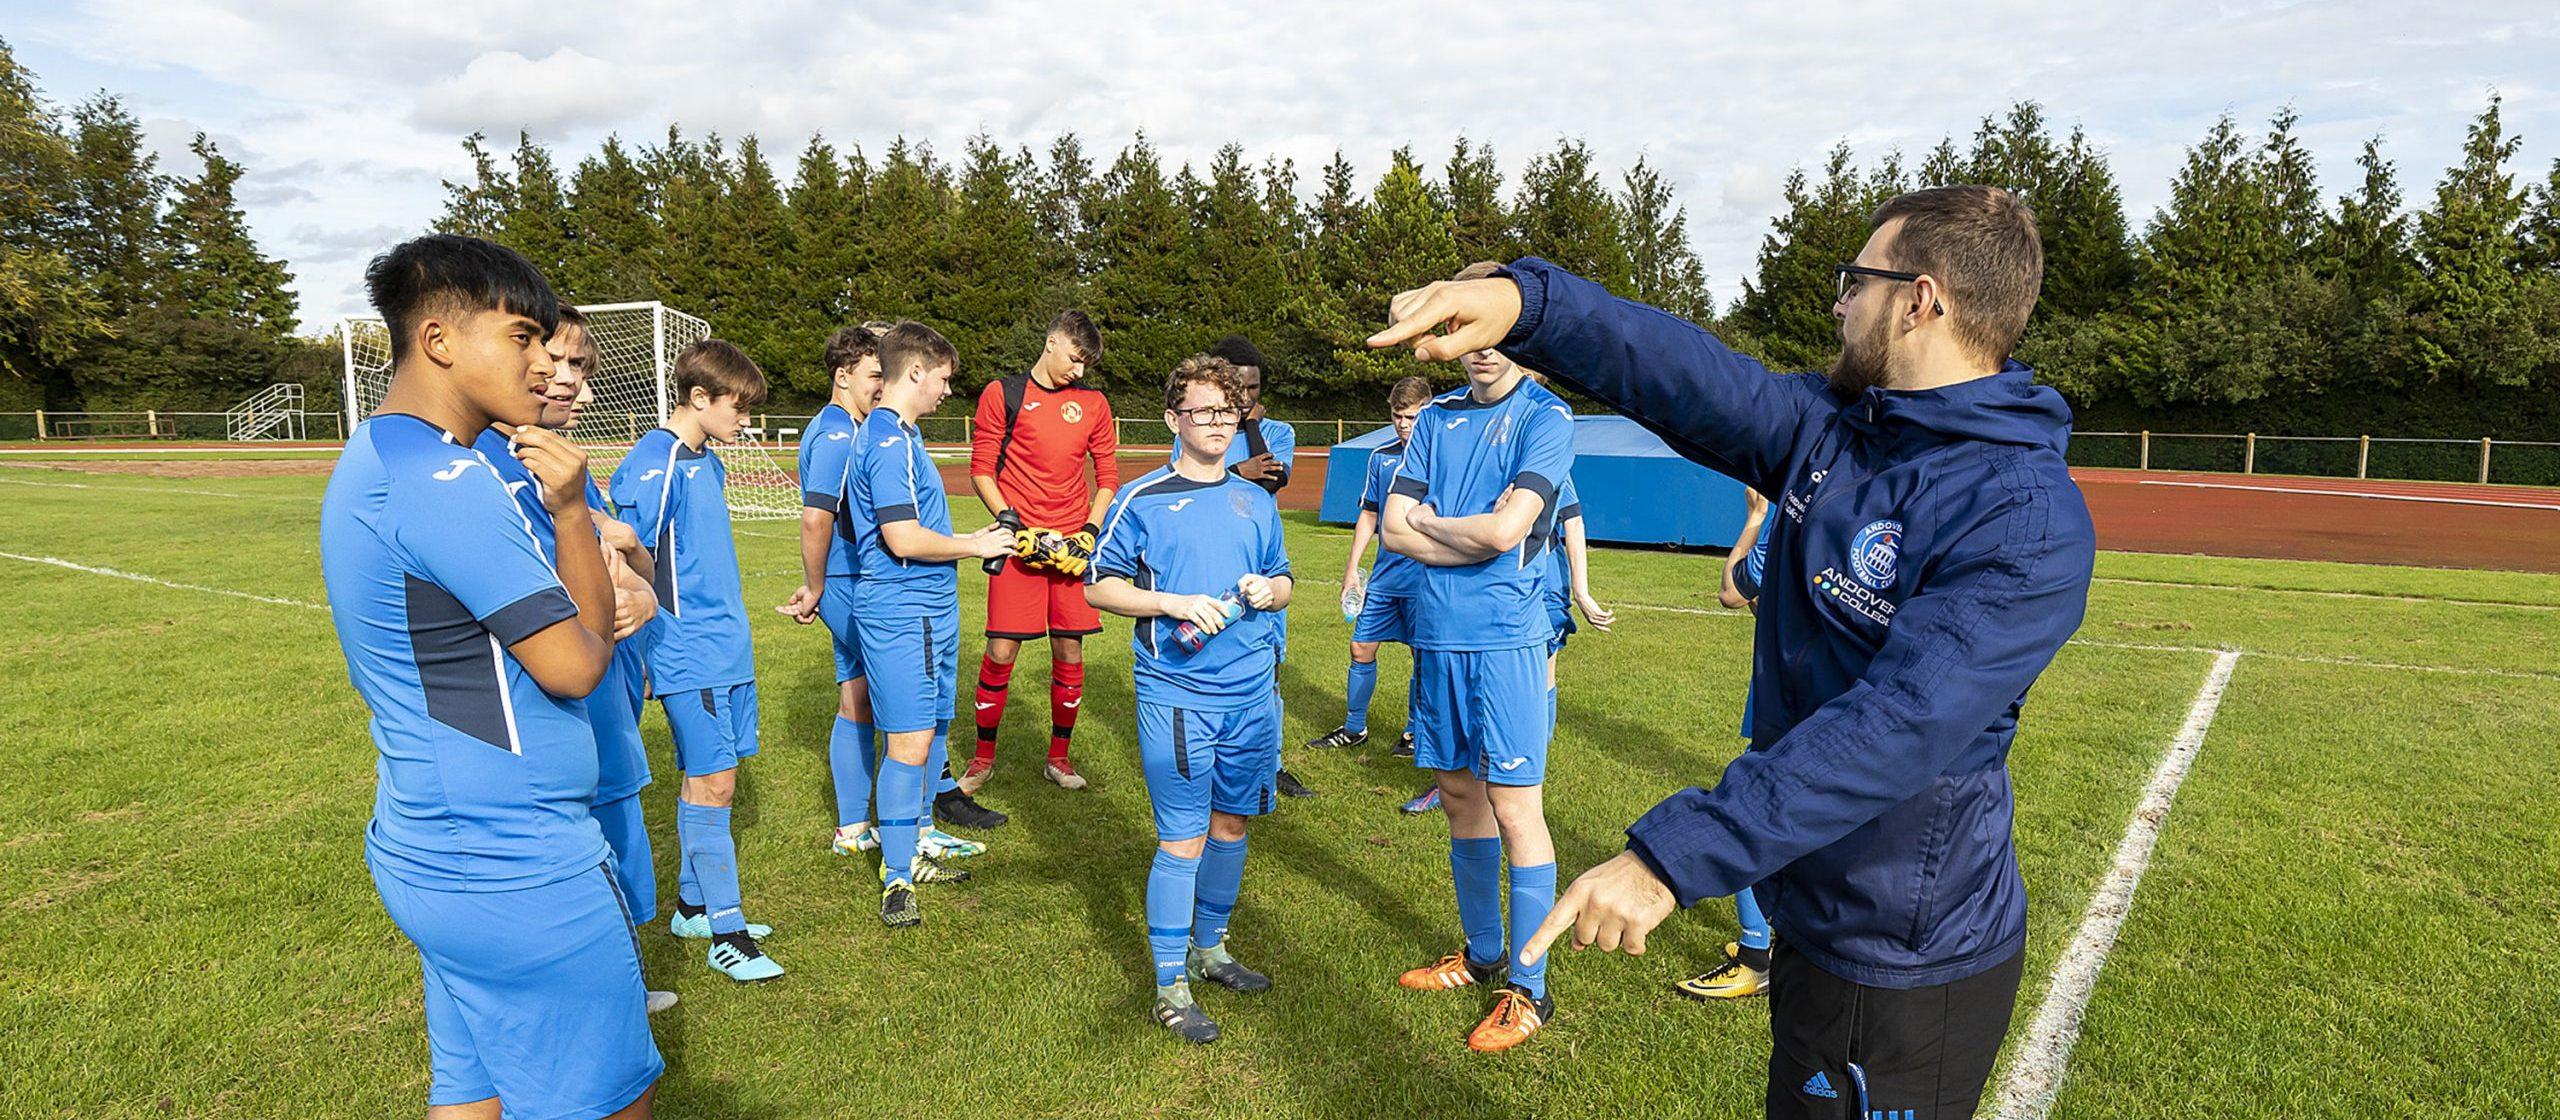 Andover Football Academy Coaching